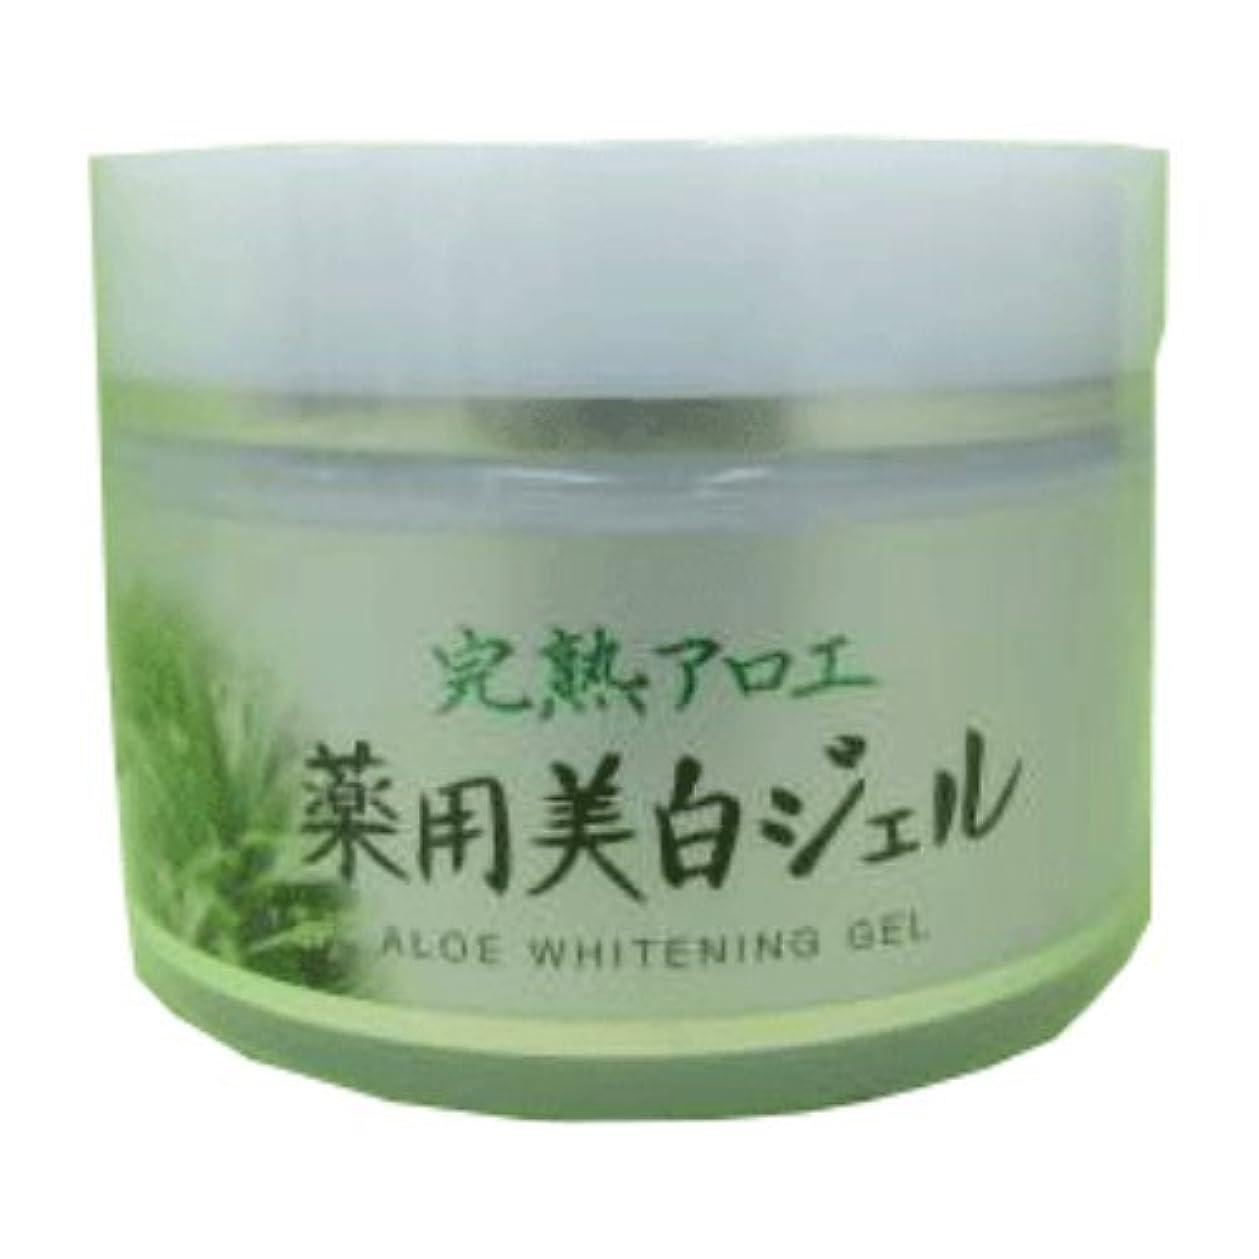 十分ですより平らな洗剤完熟アロエ 薬用美白ジェル 100g 医薬部外品